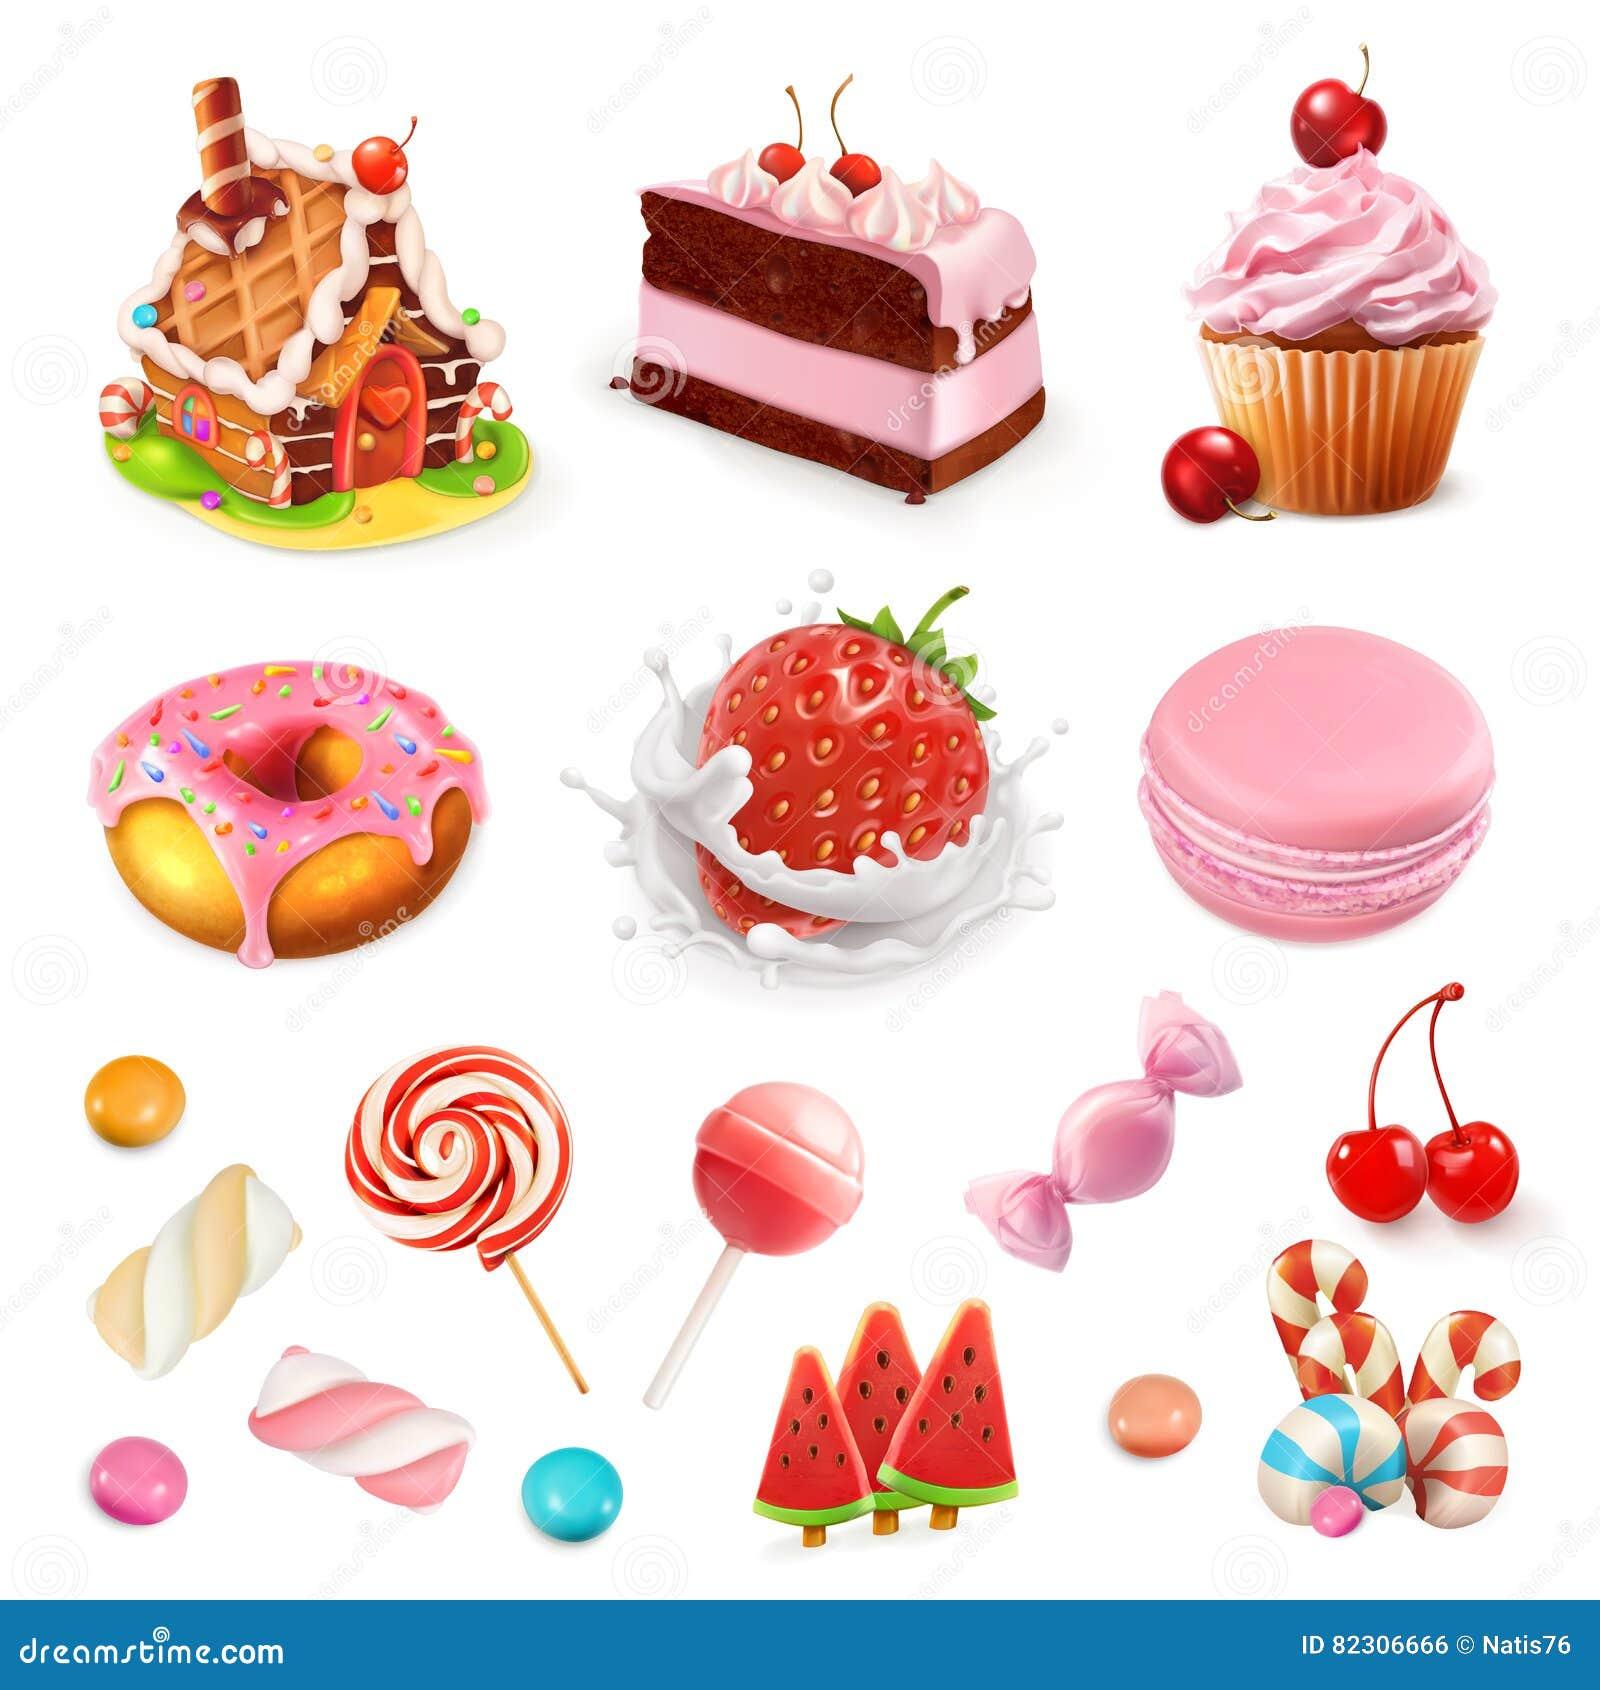 Süßigkeiten und Nachtische Erdbeere und Milch, Kuchen, kleiner Kuchen, Süßigkeit, Lutscher Drei Farbikonen auf Pappumbauten